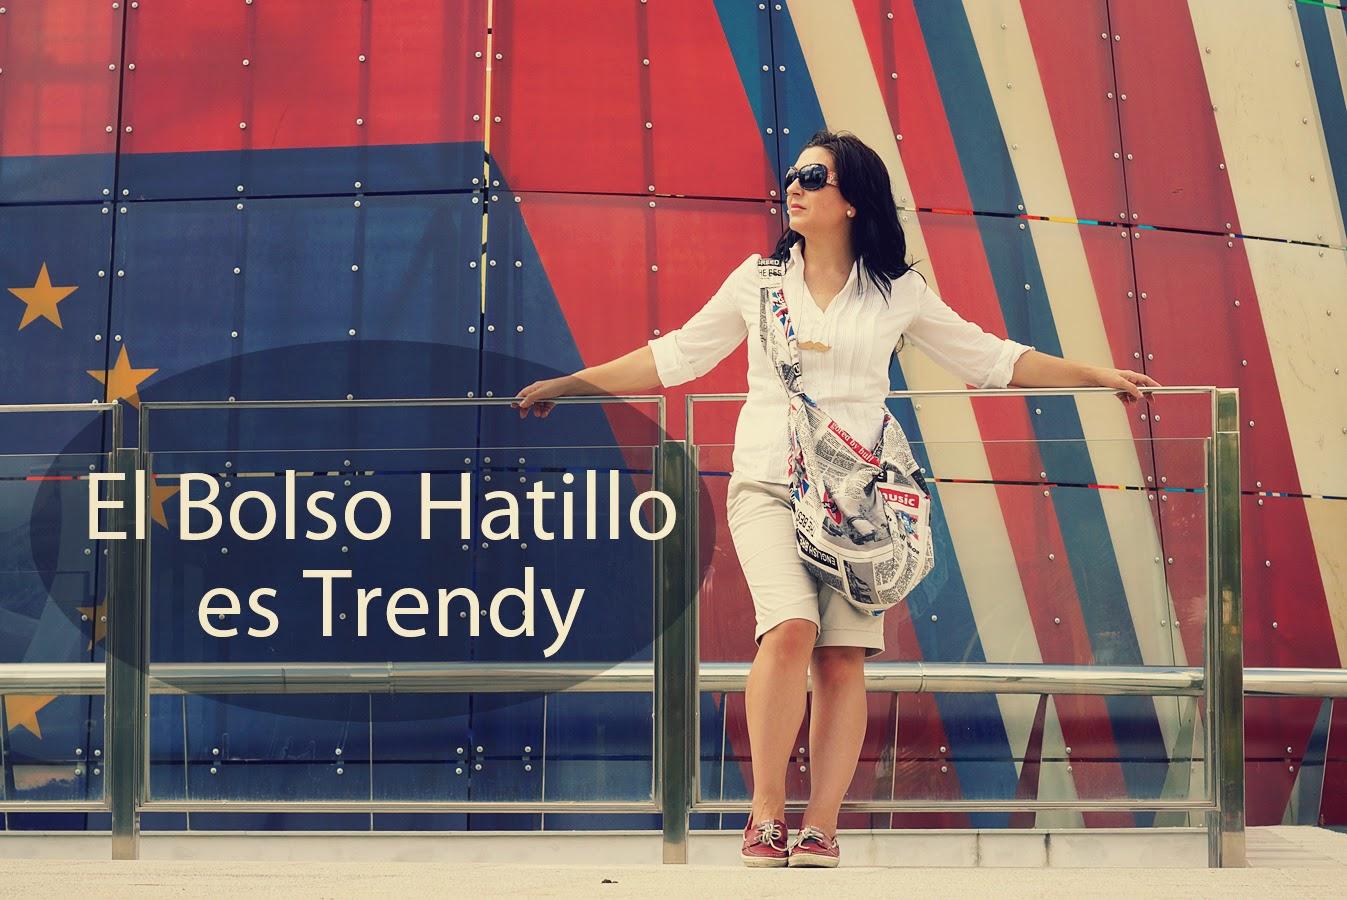 El+bolso+hatillo+es+trendy